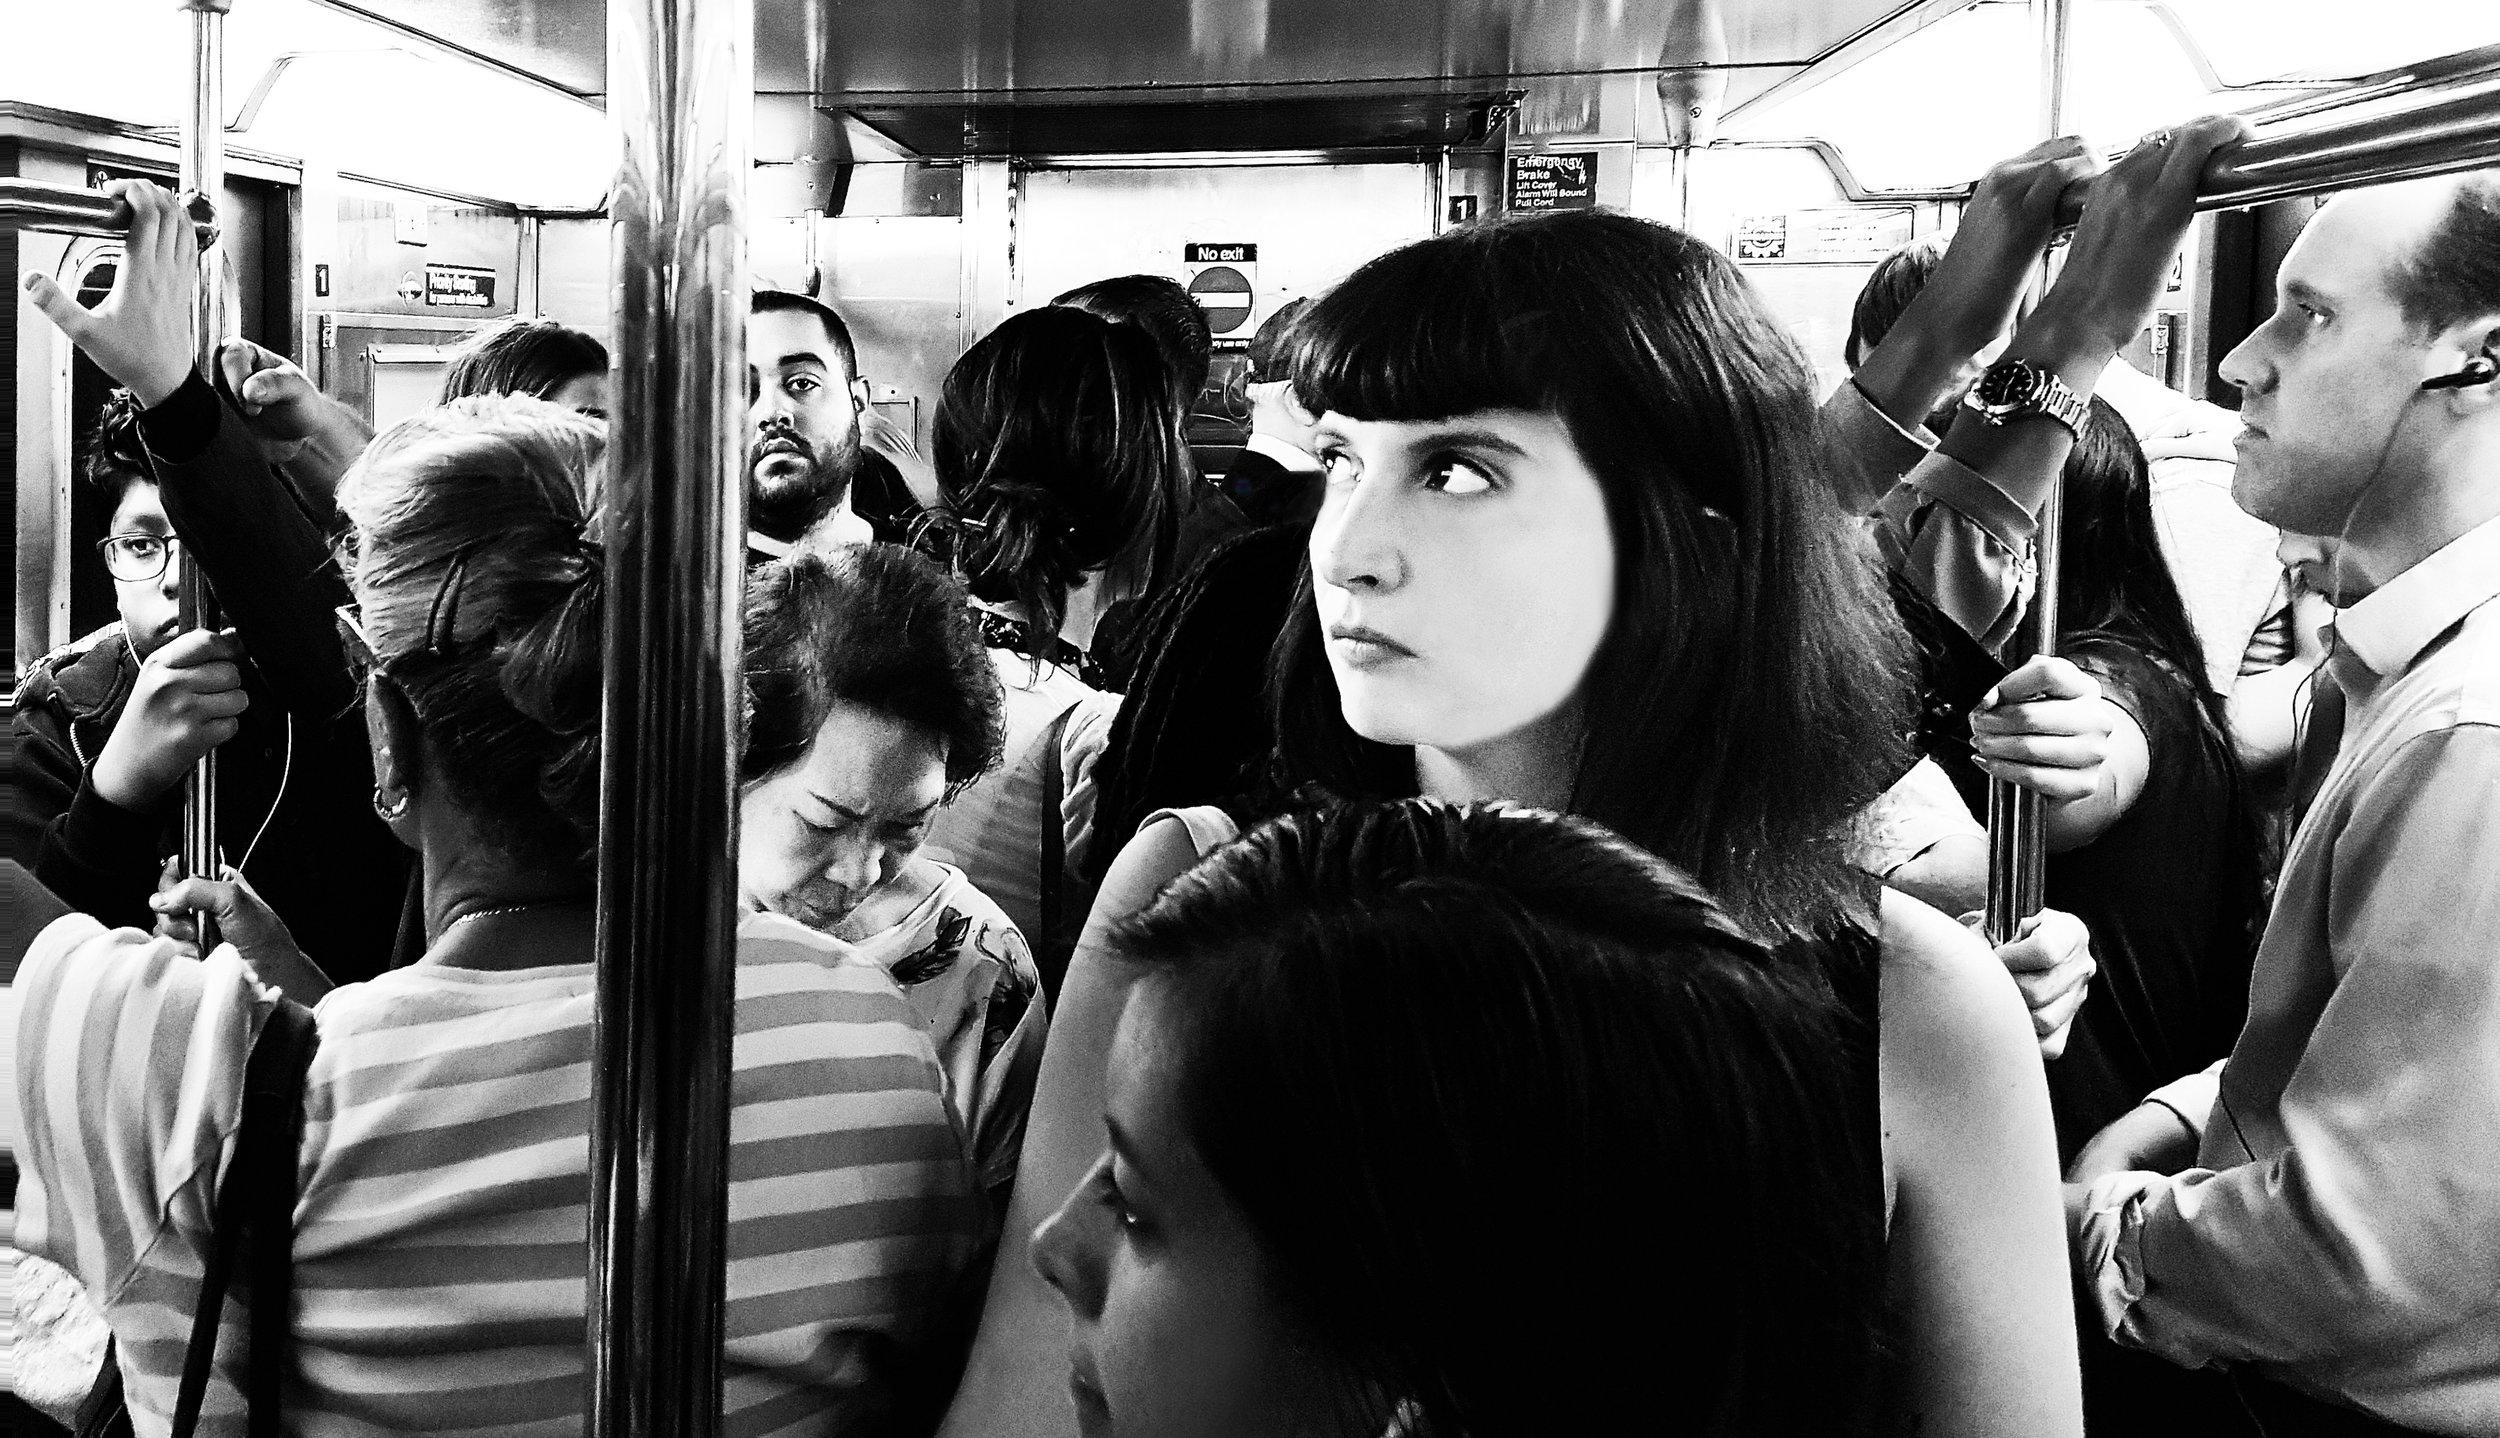 metro menigtekopie.jpg